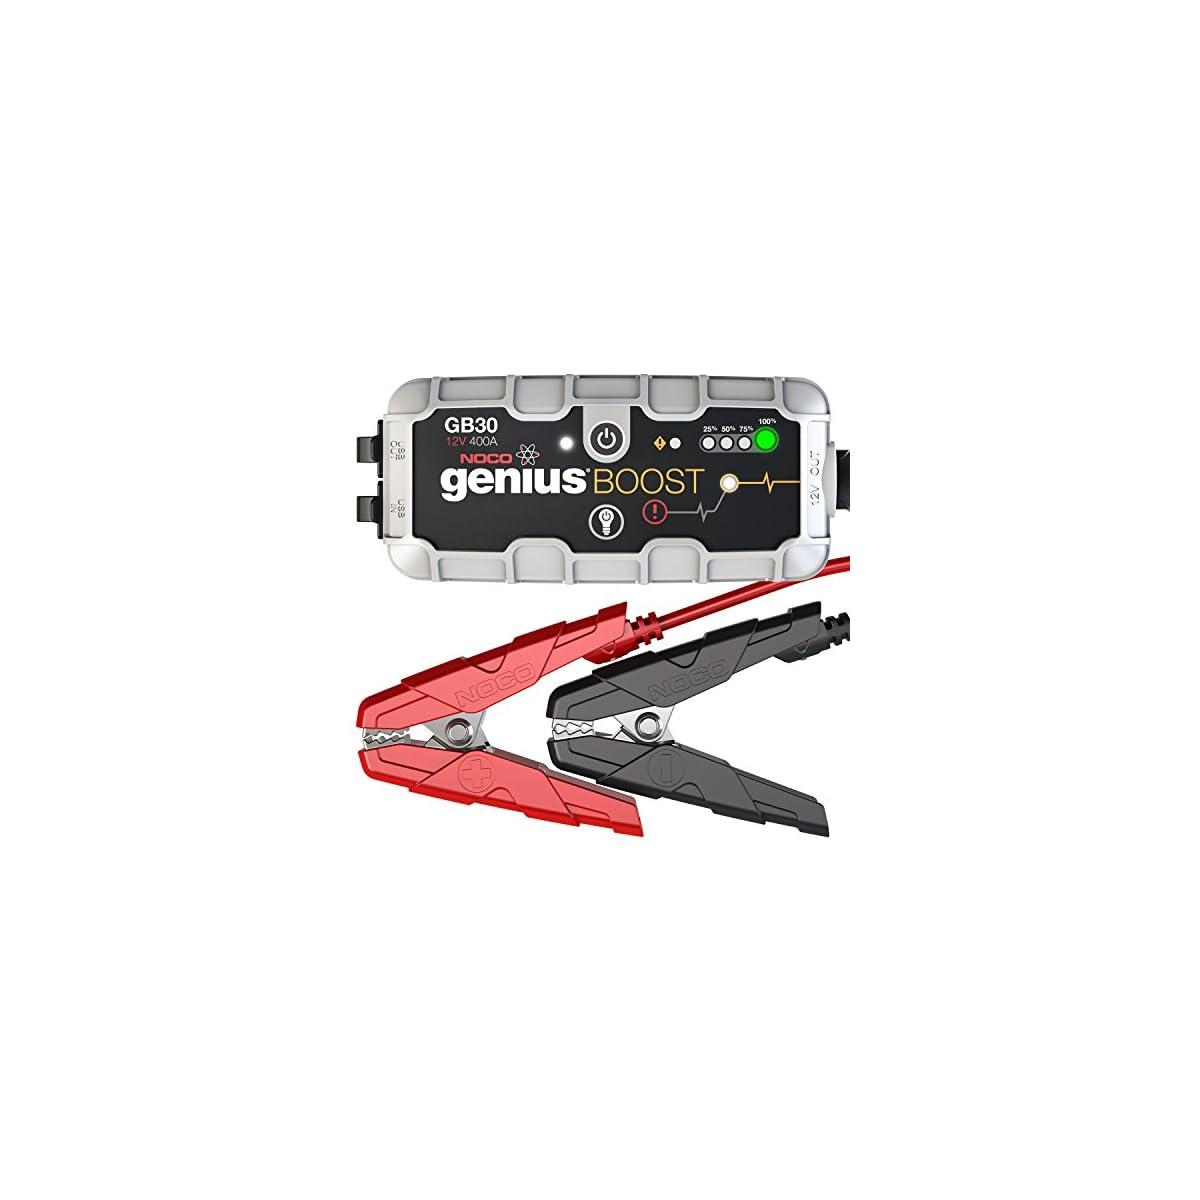 51pvvFafZvL. SS1200  - NOCO GB30 Genius Cargador Inteligente de Batería 12V Lithium, 400 Amp